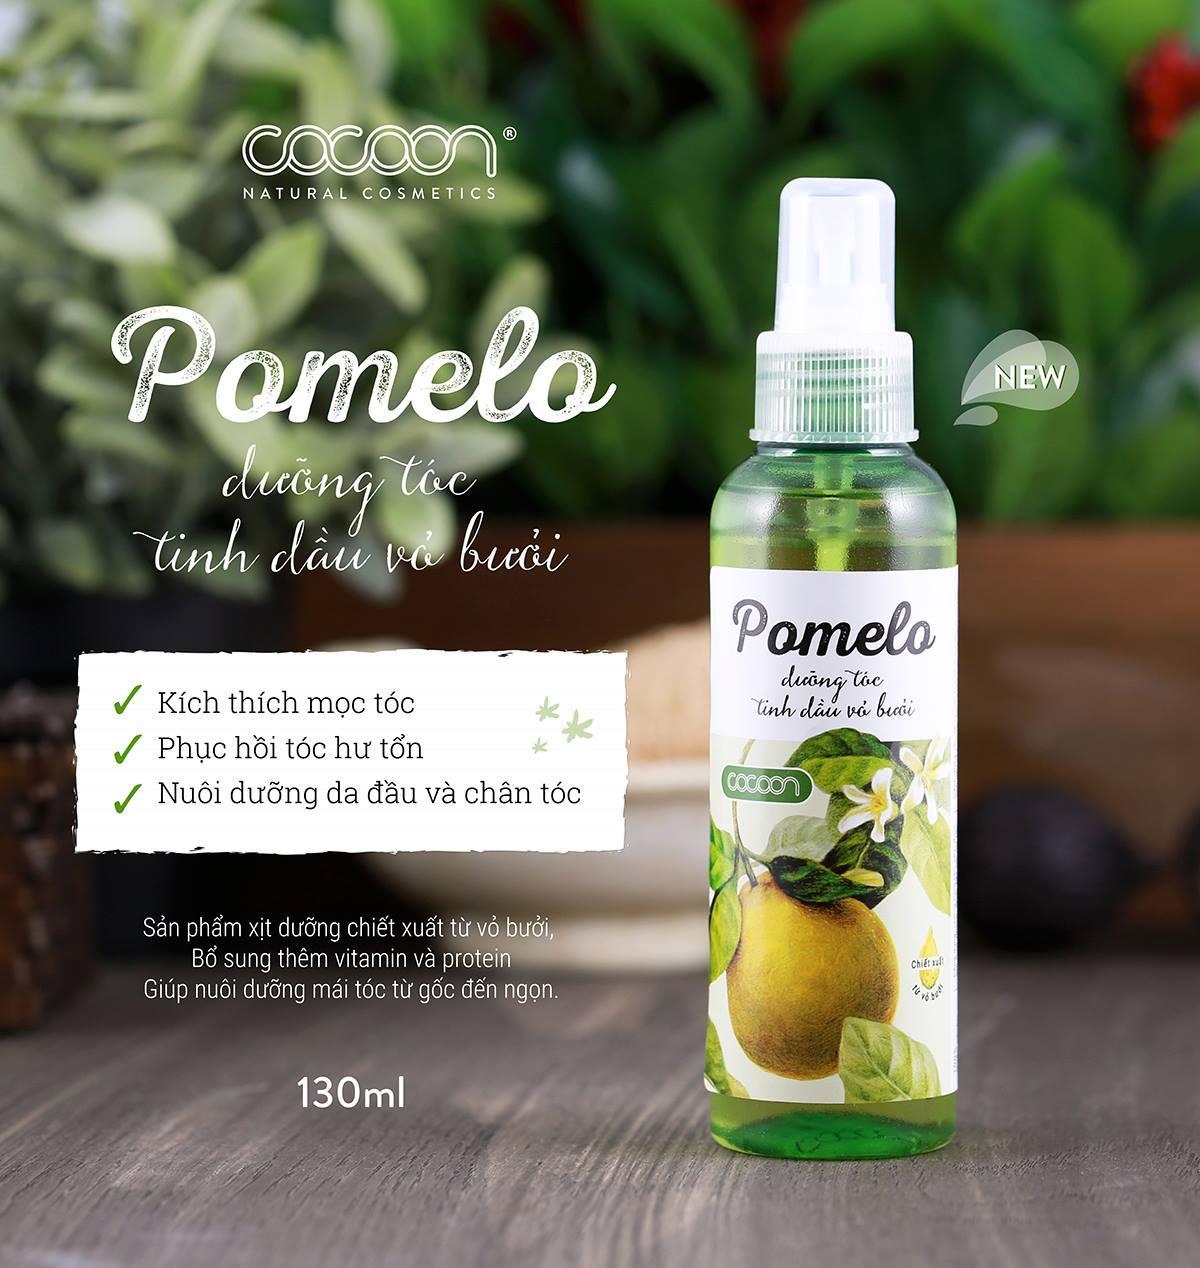 Tinh dầu bưởi pomelo Cocoon